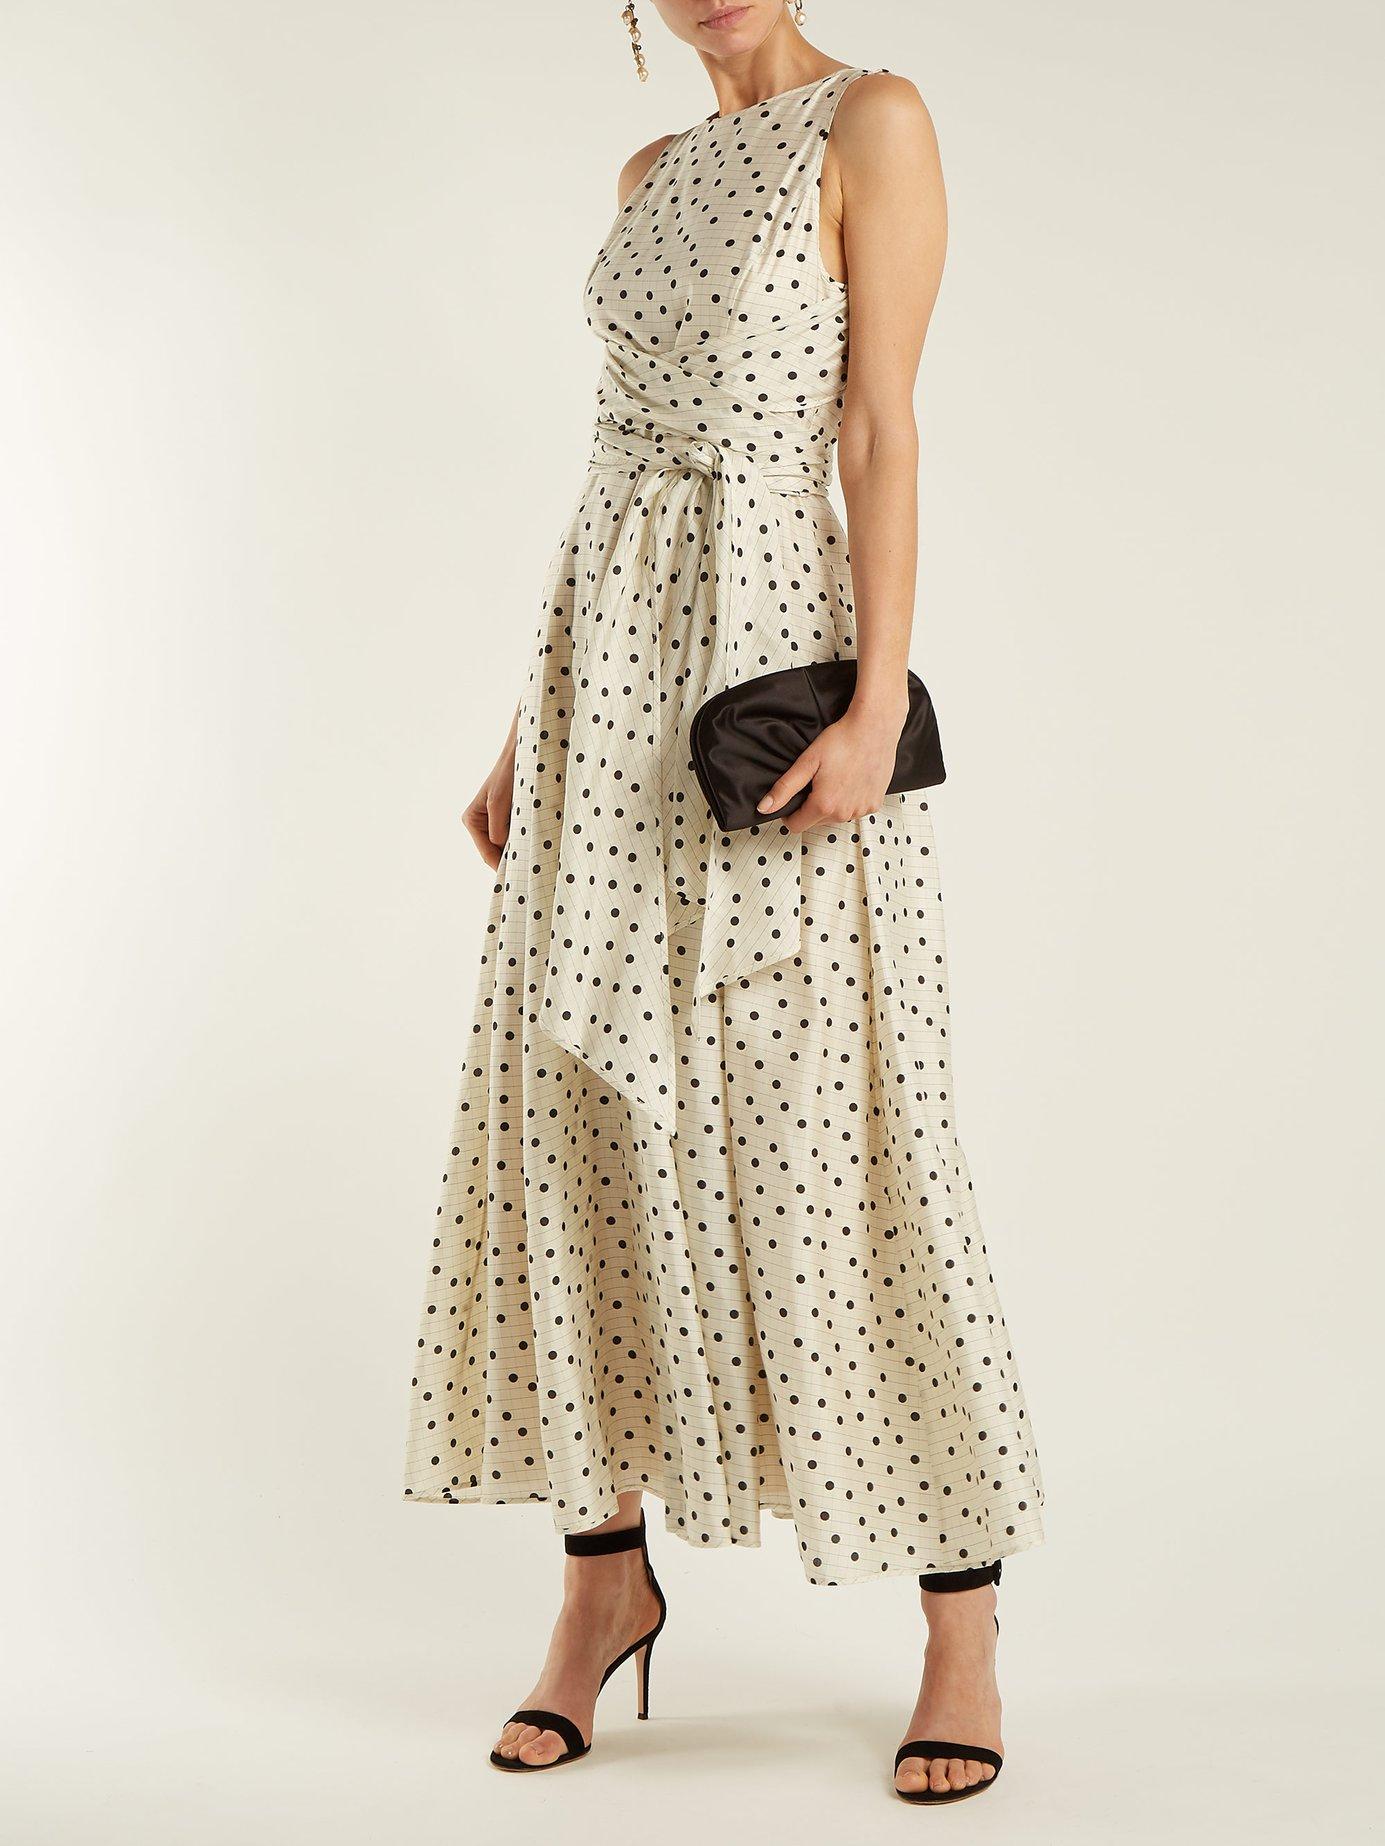 Polka-dot silk dress by Diane Von Furstenberg